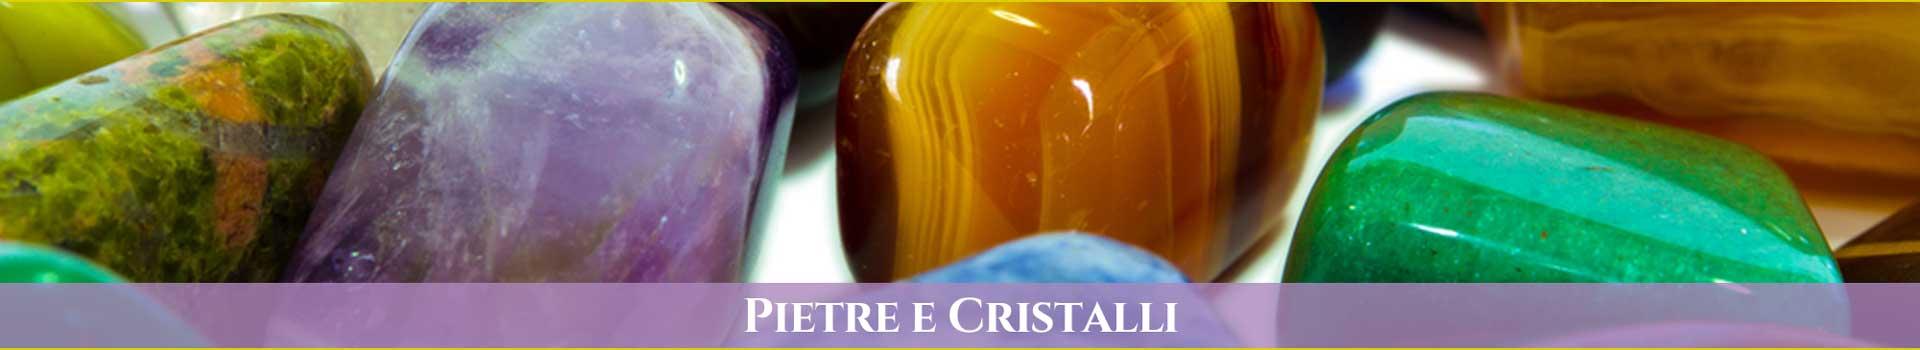 Pietre e cristalli Roma